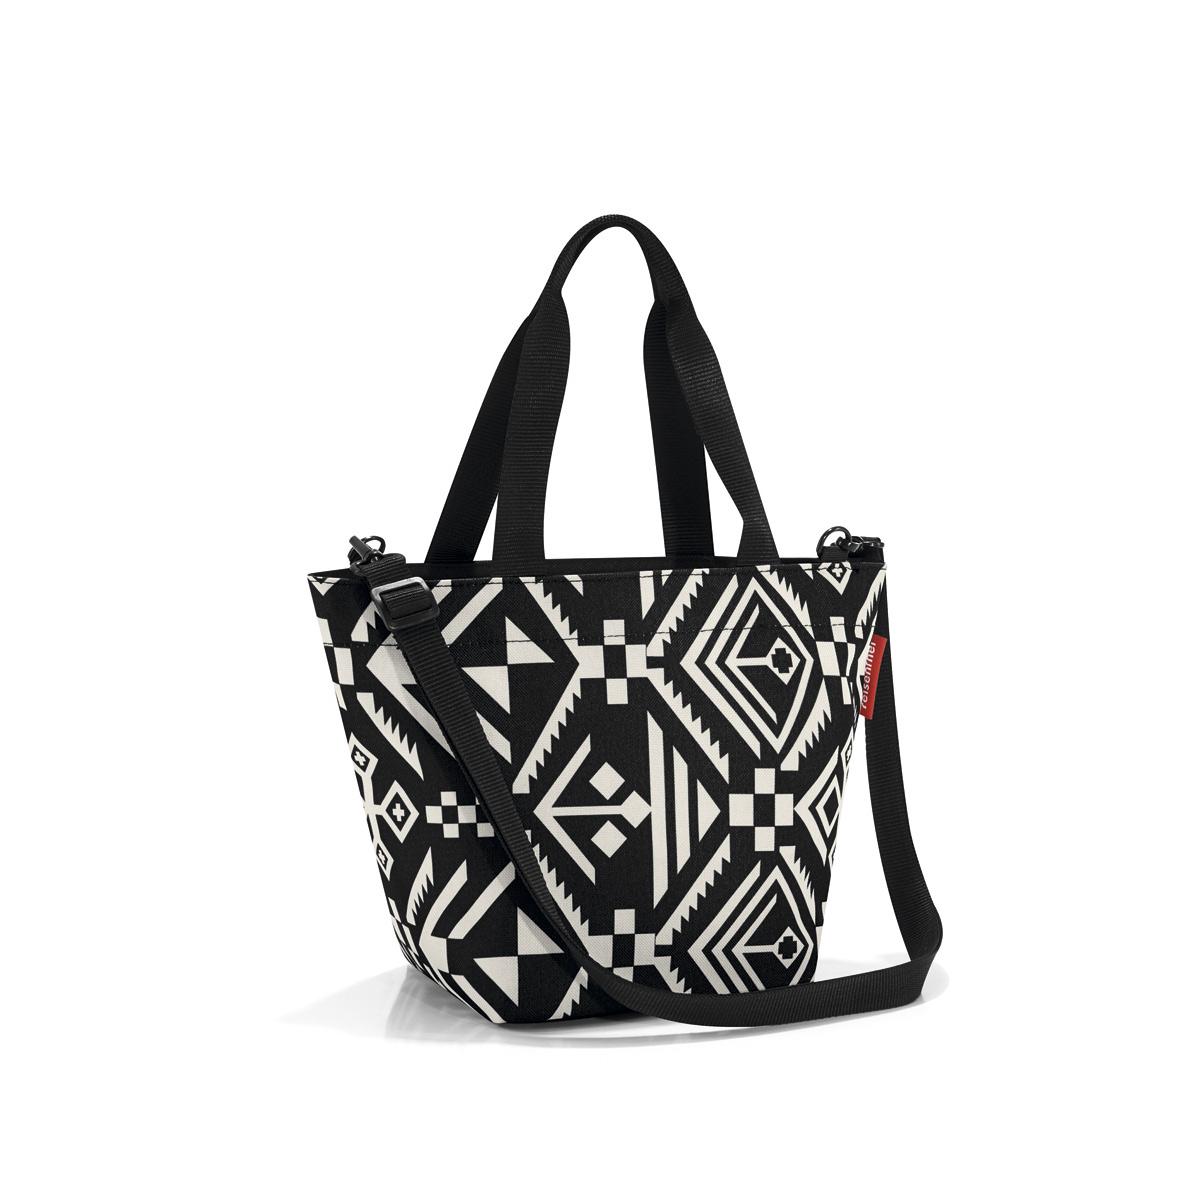 Сумка женская Reisenthel Shopper XS hopi, цвет: черный. ZR7034ZR7034Симпатичная сумка для повседневного использования: широкие удобные лямки для переноски в руках и удобный плечевой ремешок с регулируемой длиной, который можно отстегнуть.Объем 4 литра позволяет вместить все необходимые мелочи. Застегивается на молнию. Внутри - кармашек на молнии.